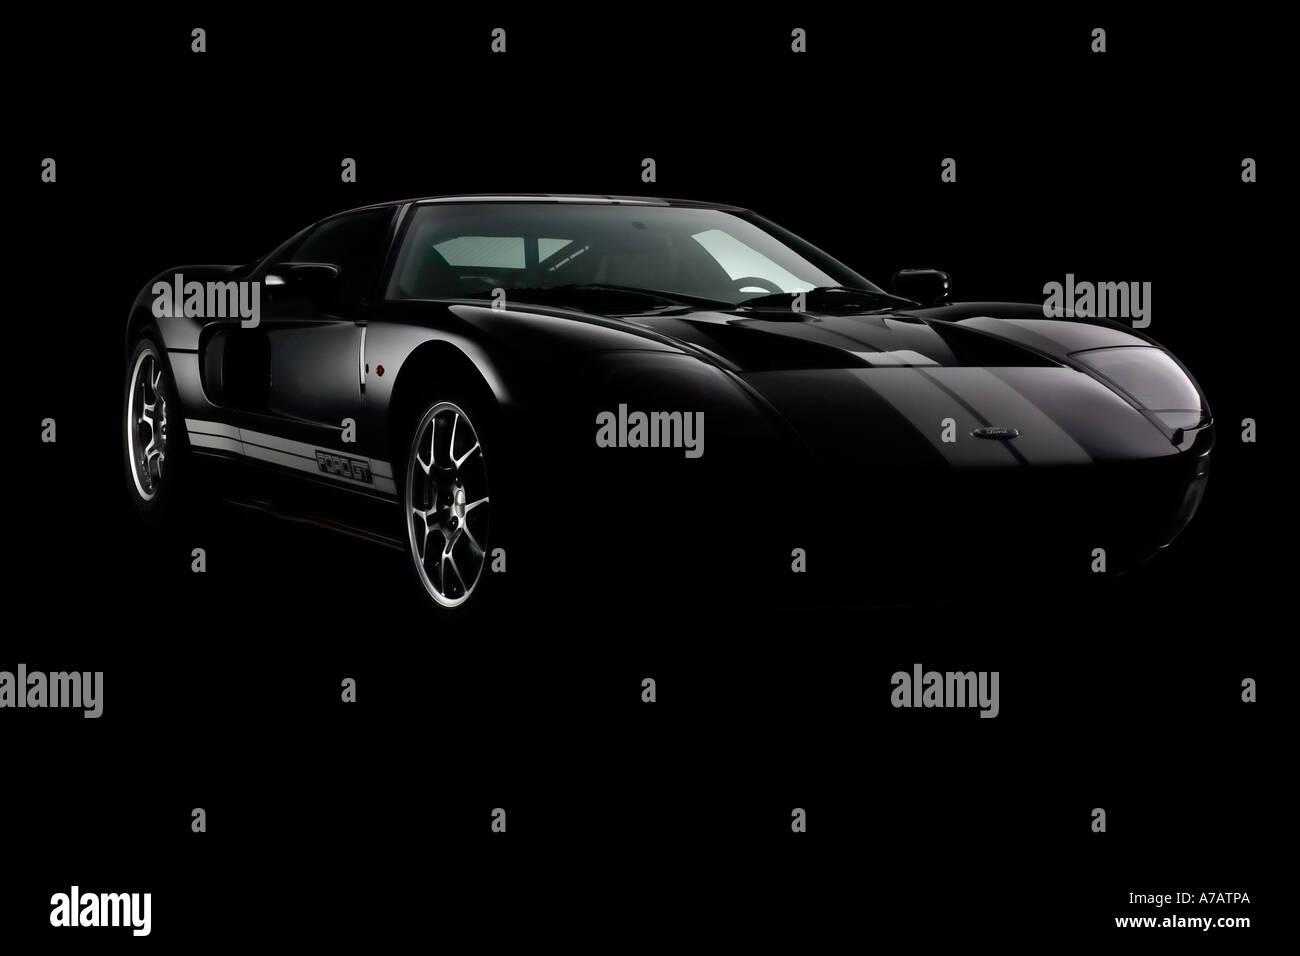 2005 Ford GT en noir avec des rayures d'argent - vue de trois-quarts avant Banque D'Images